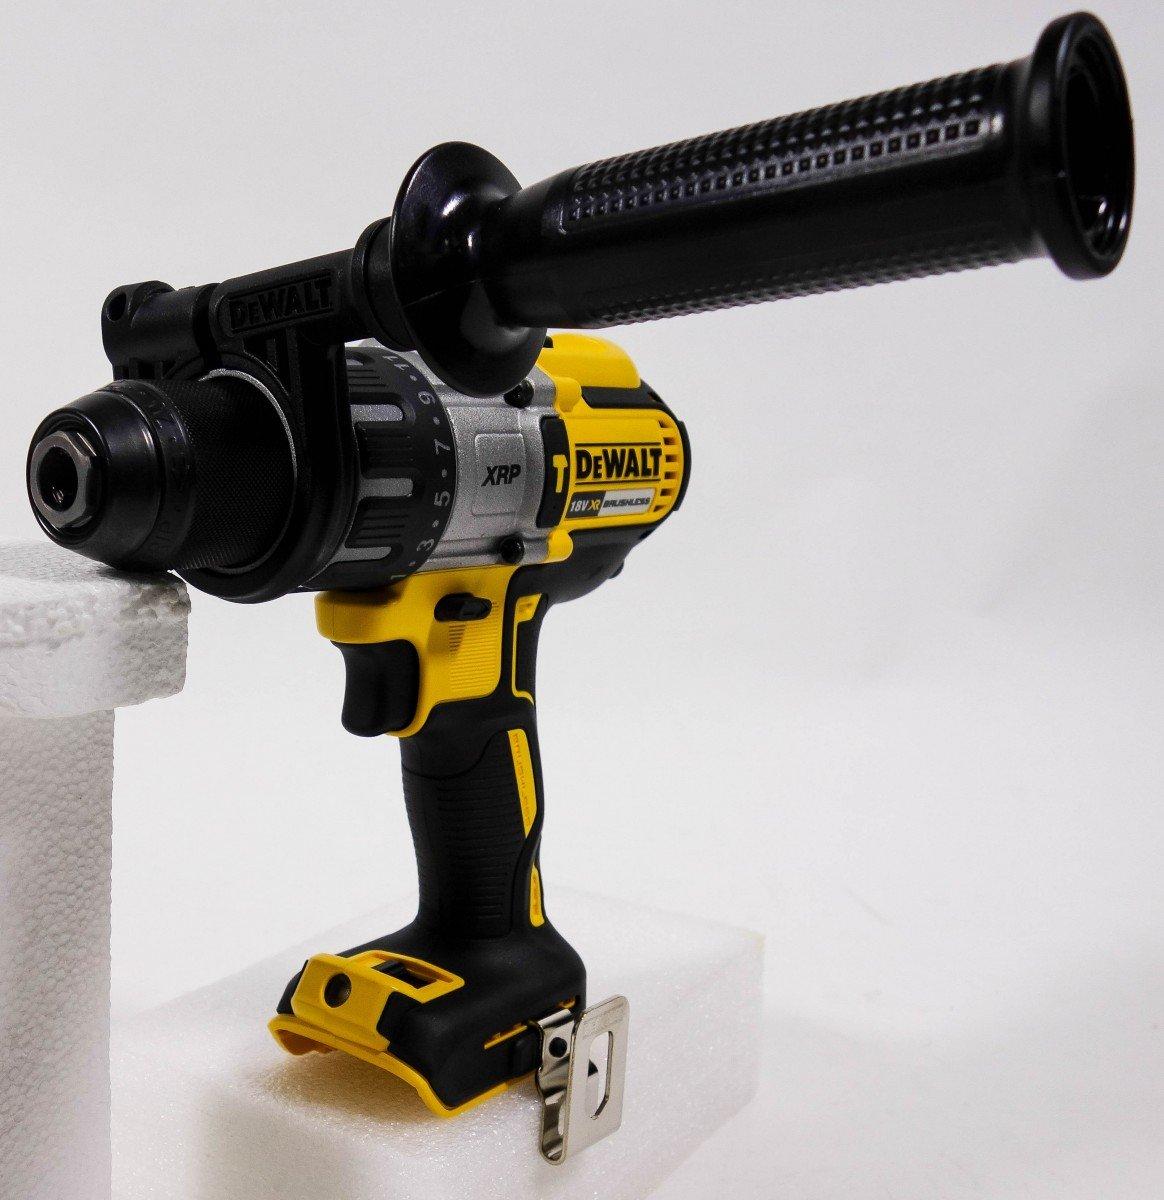 DeWalt-DCD-996-N-Schlagbohrschrauber-Brushless-18-V-nur-verkauft